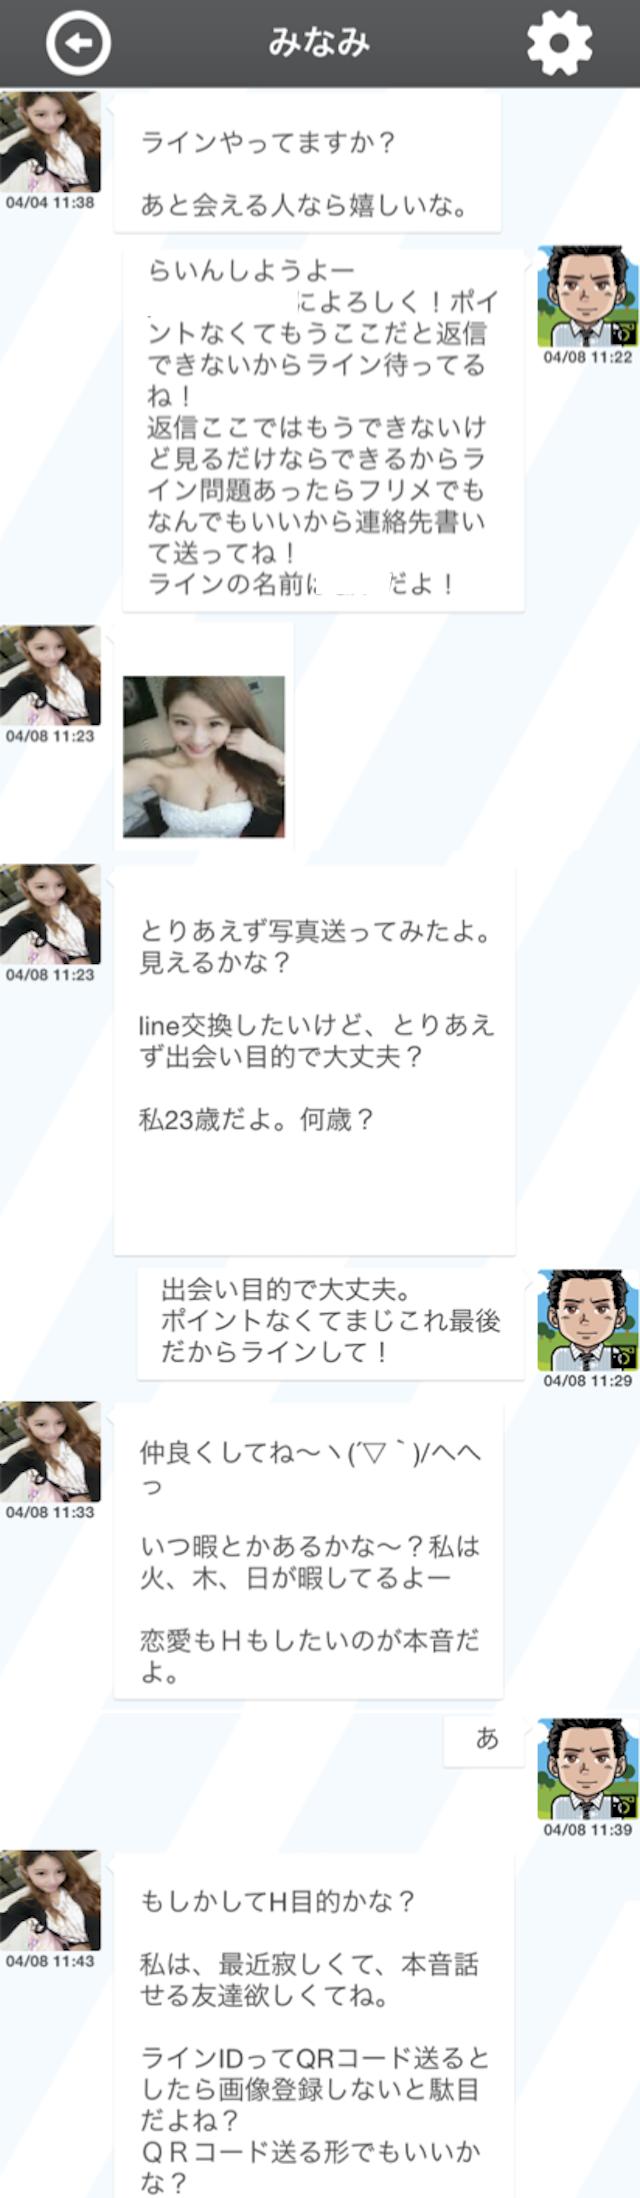 すぐココSNS_アプリ3